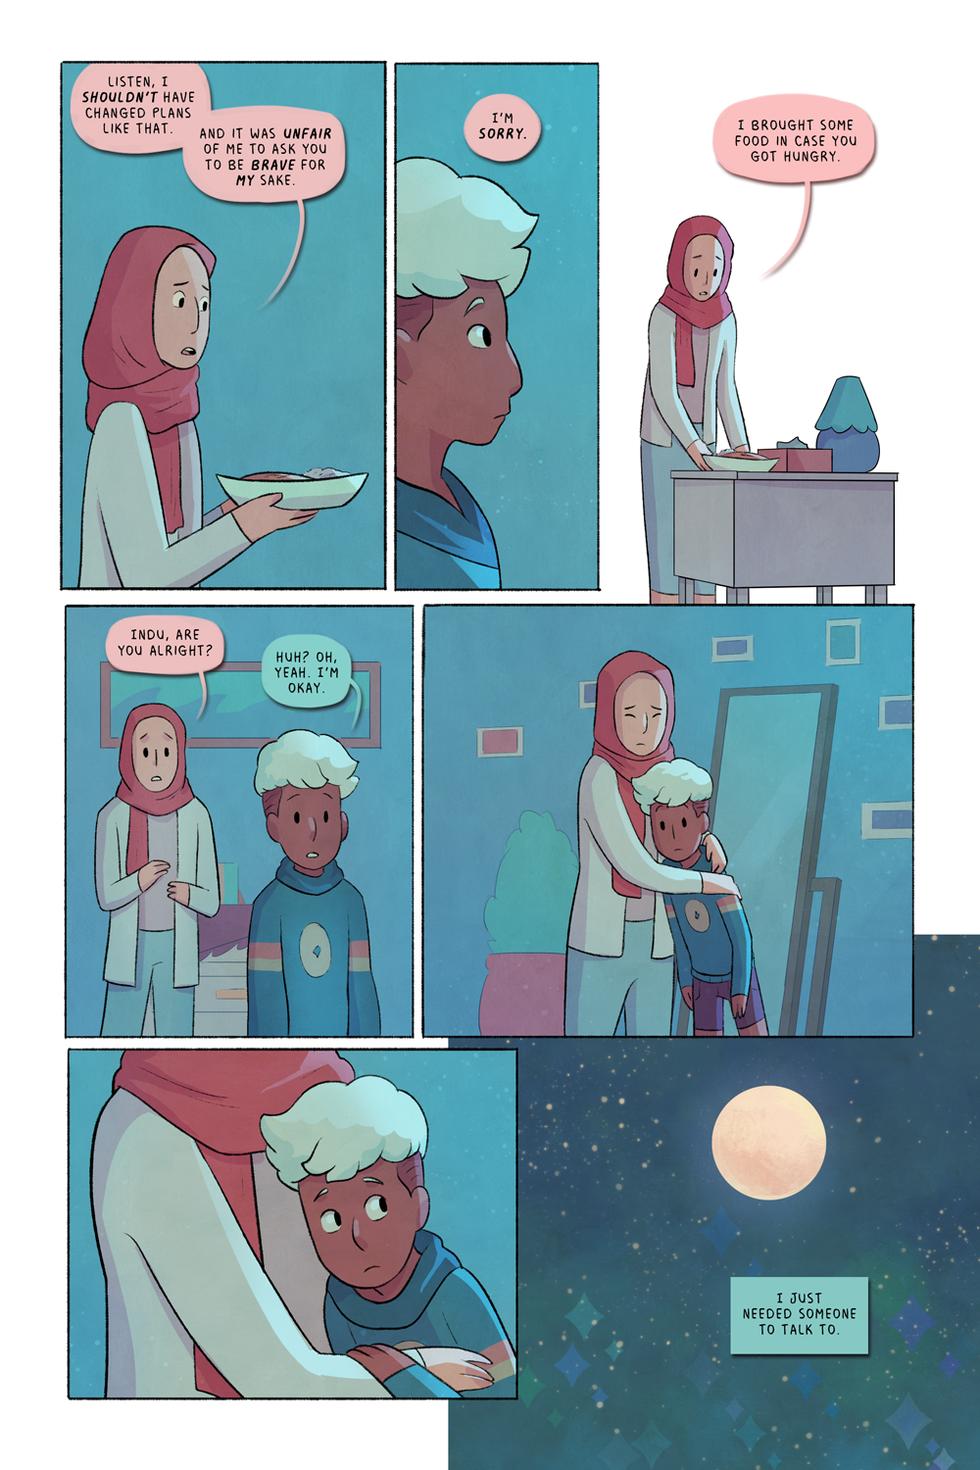 LunarBoy_pg15